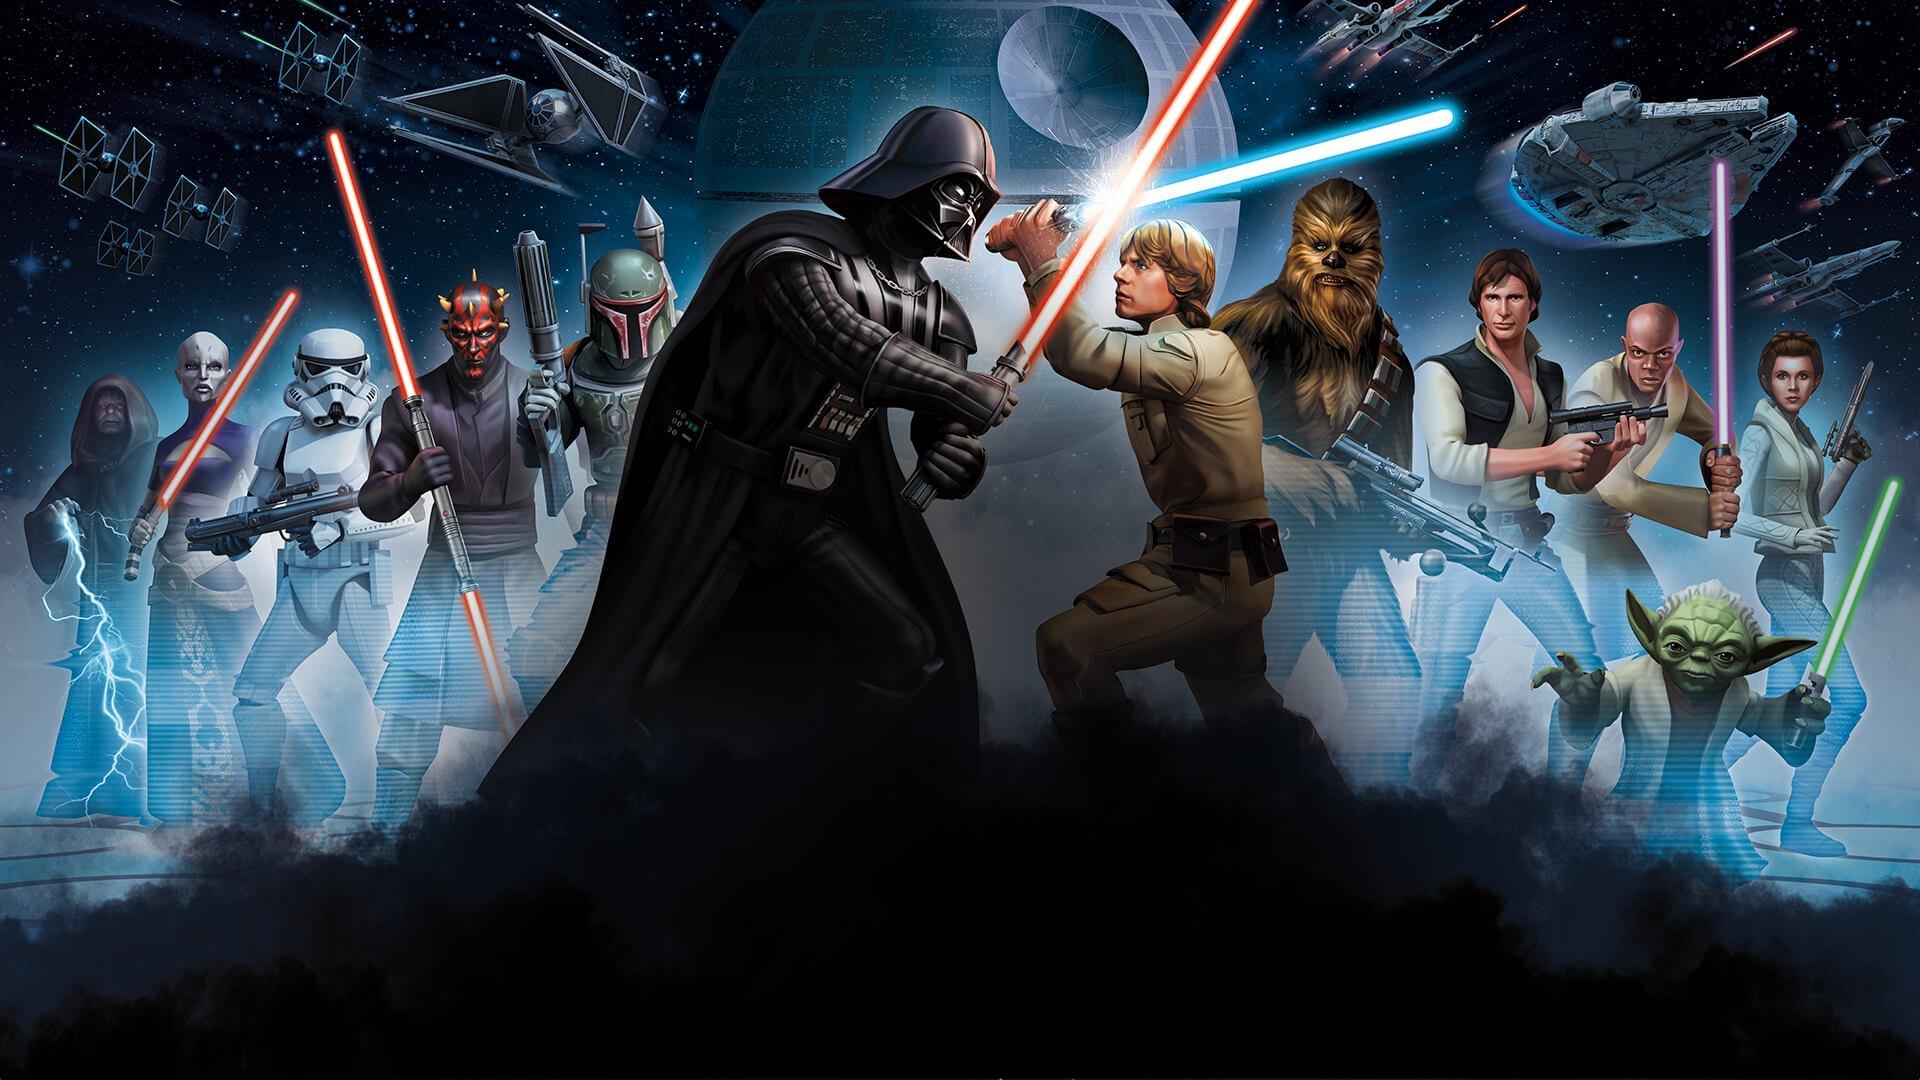 Star Wars Hayranlarına Seriyi Yeniden İzlettirecek Güzellikte Hayran Yapımı 5 Dakikalık Fragman